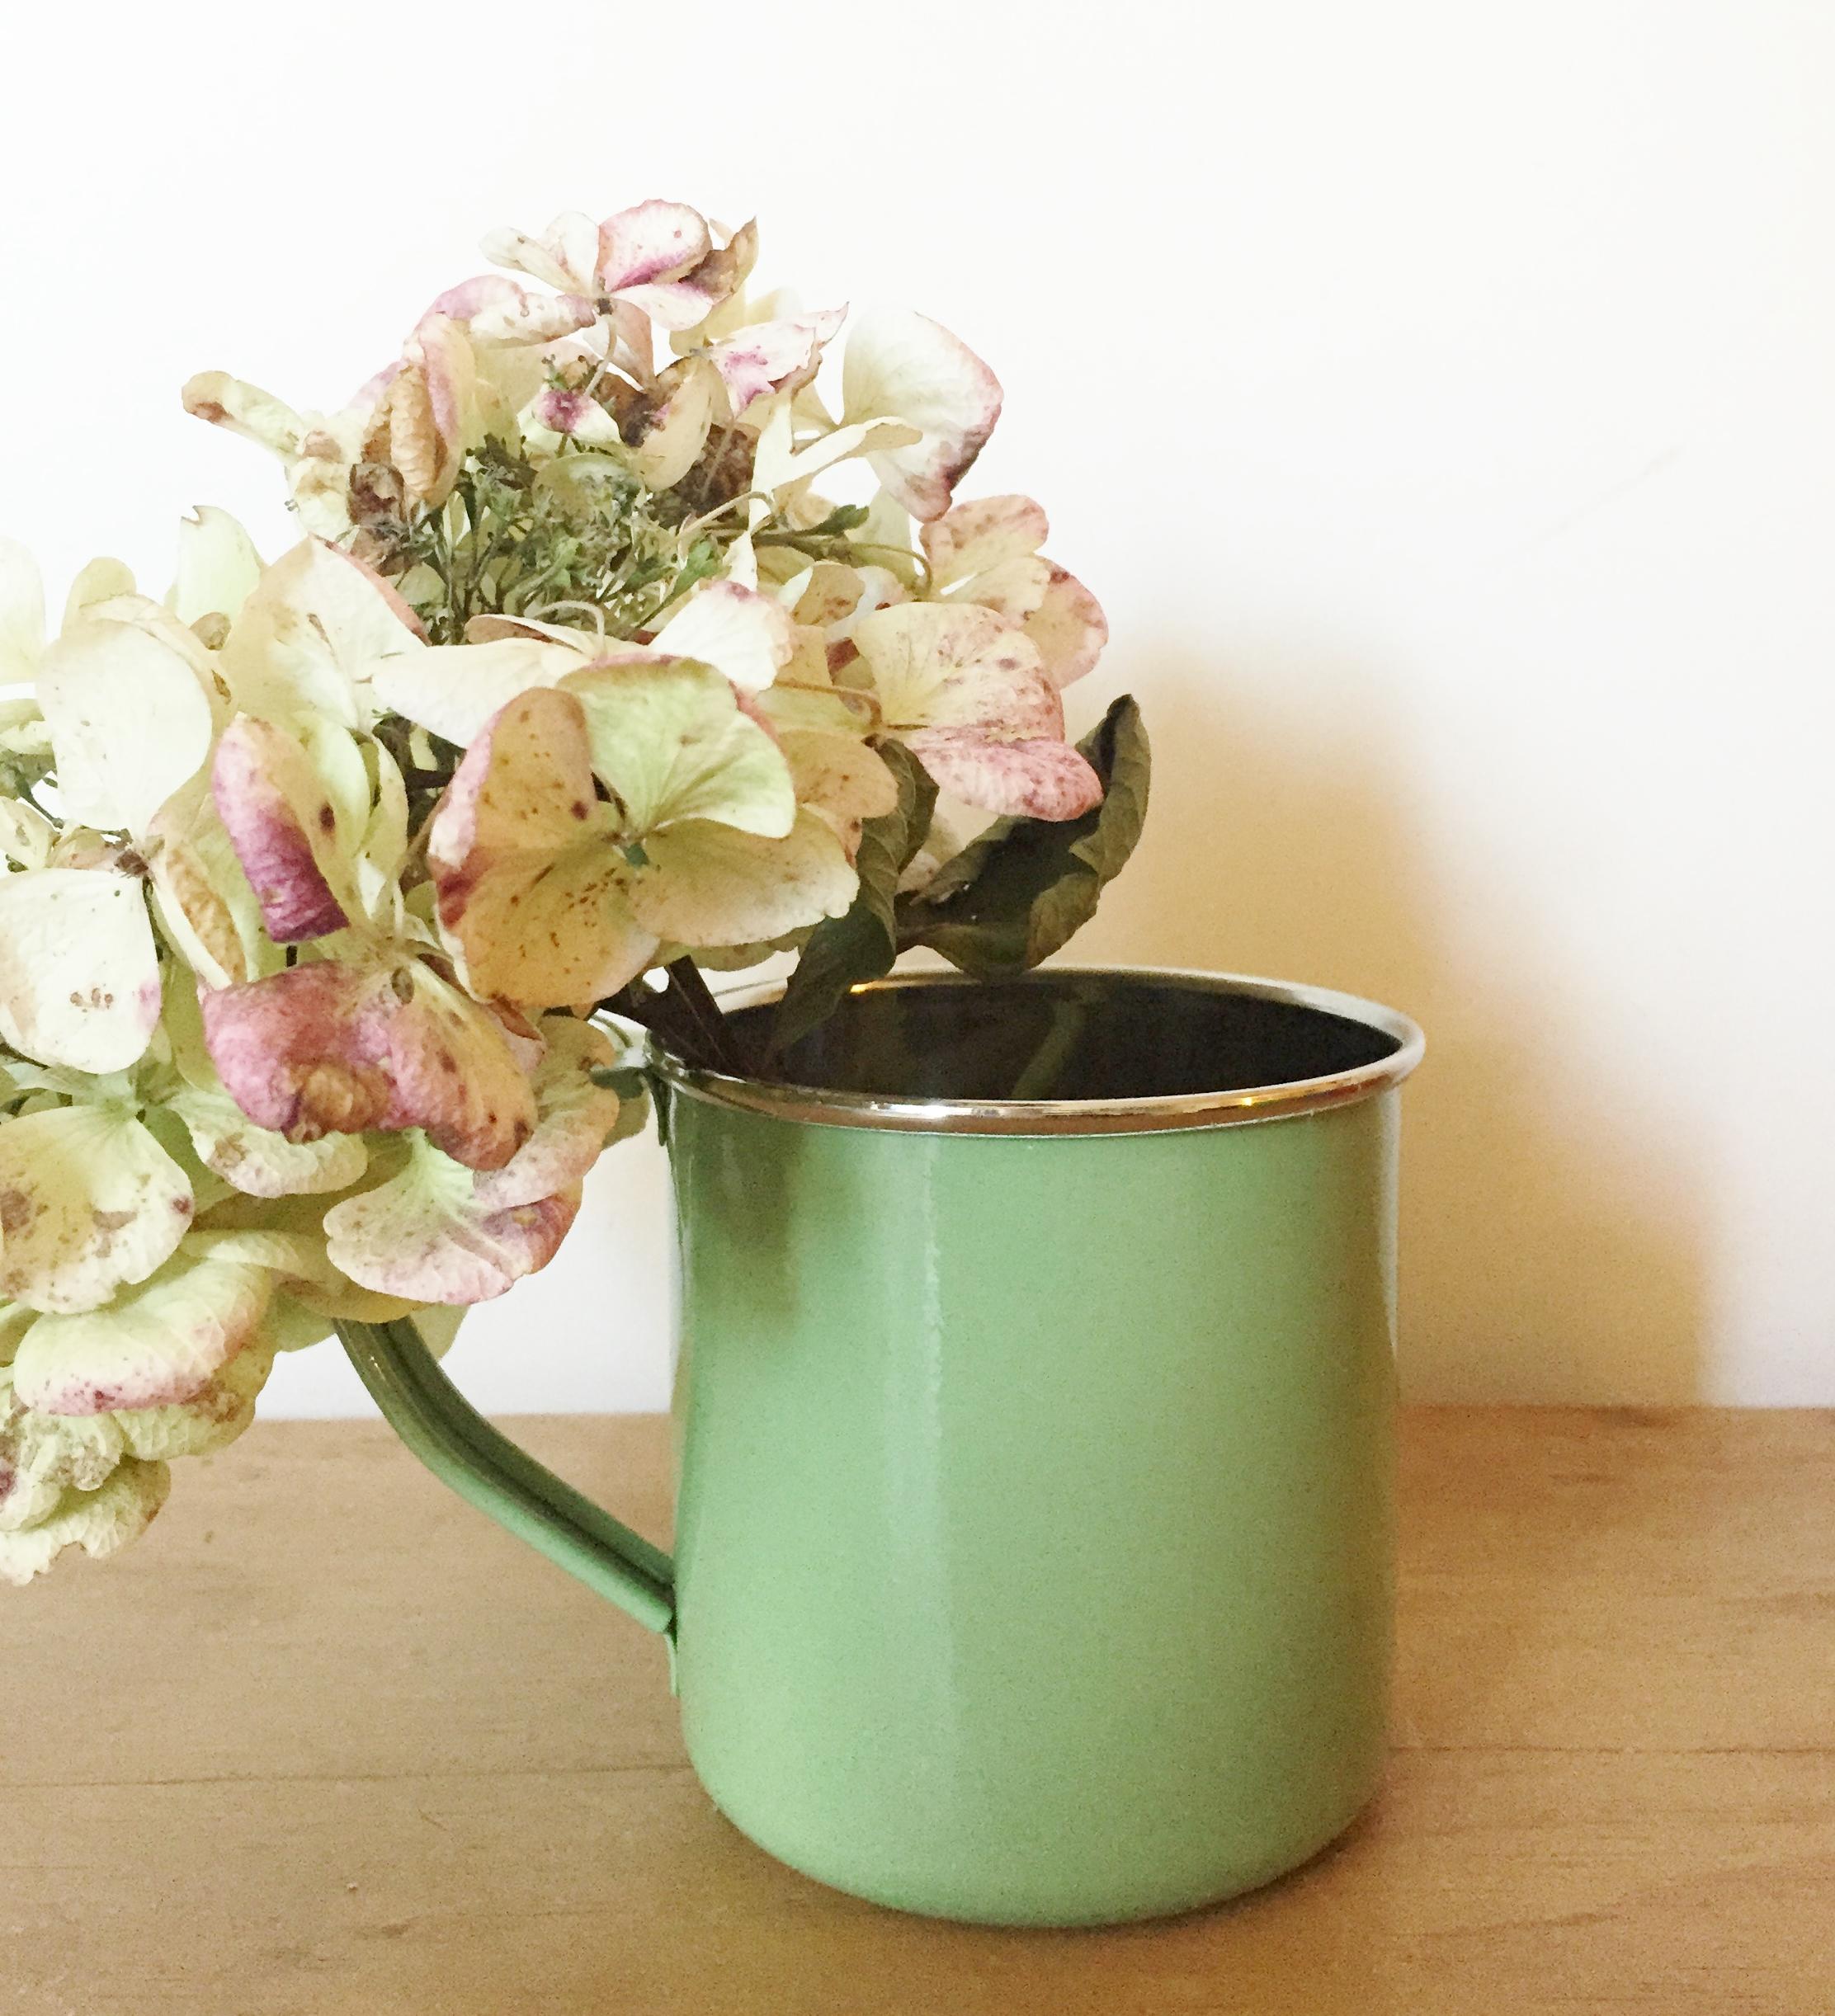 Sage green enamelware mug jasmine white sage green enamelware mug izmirmasajfo Choice Image